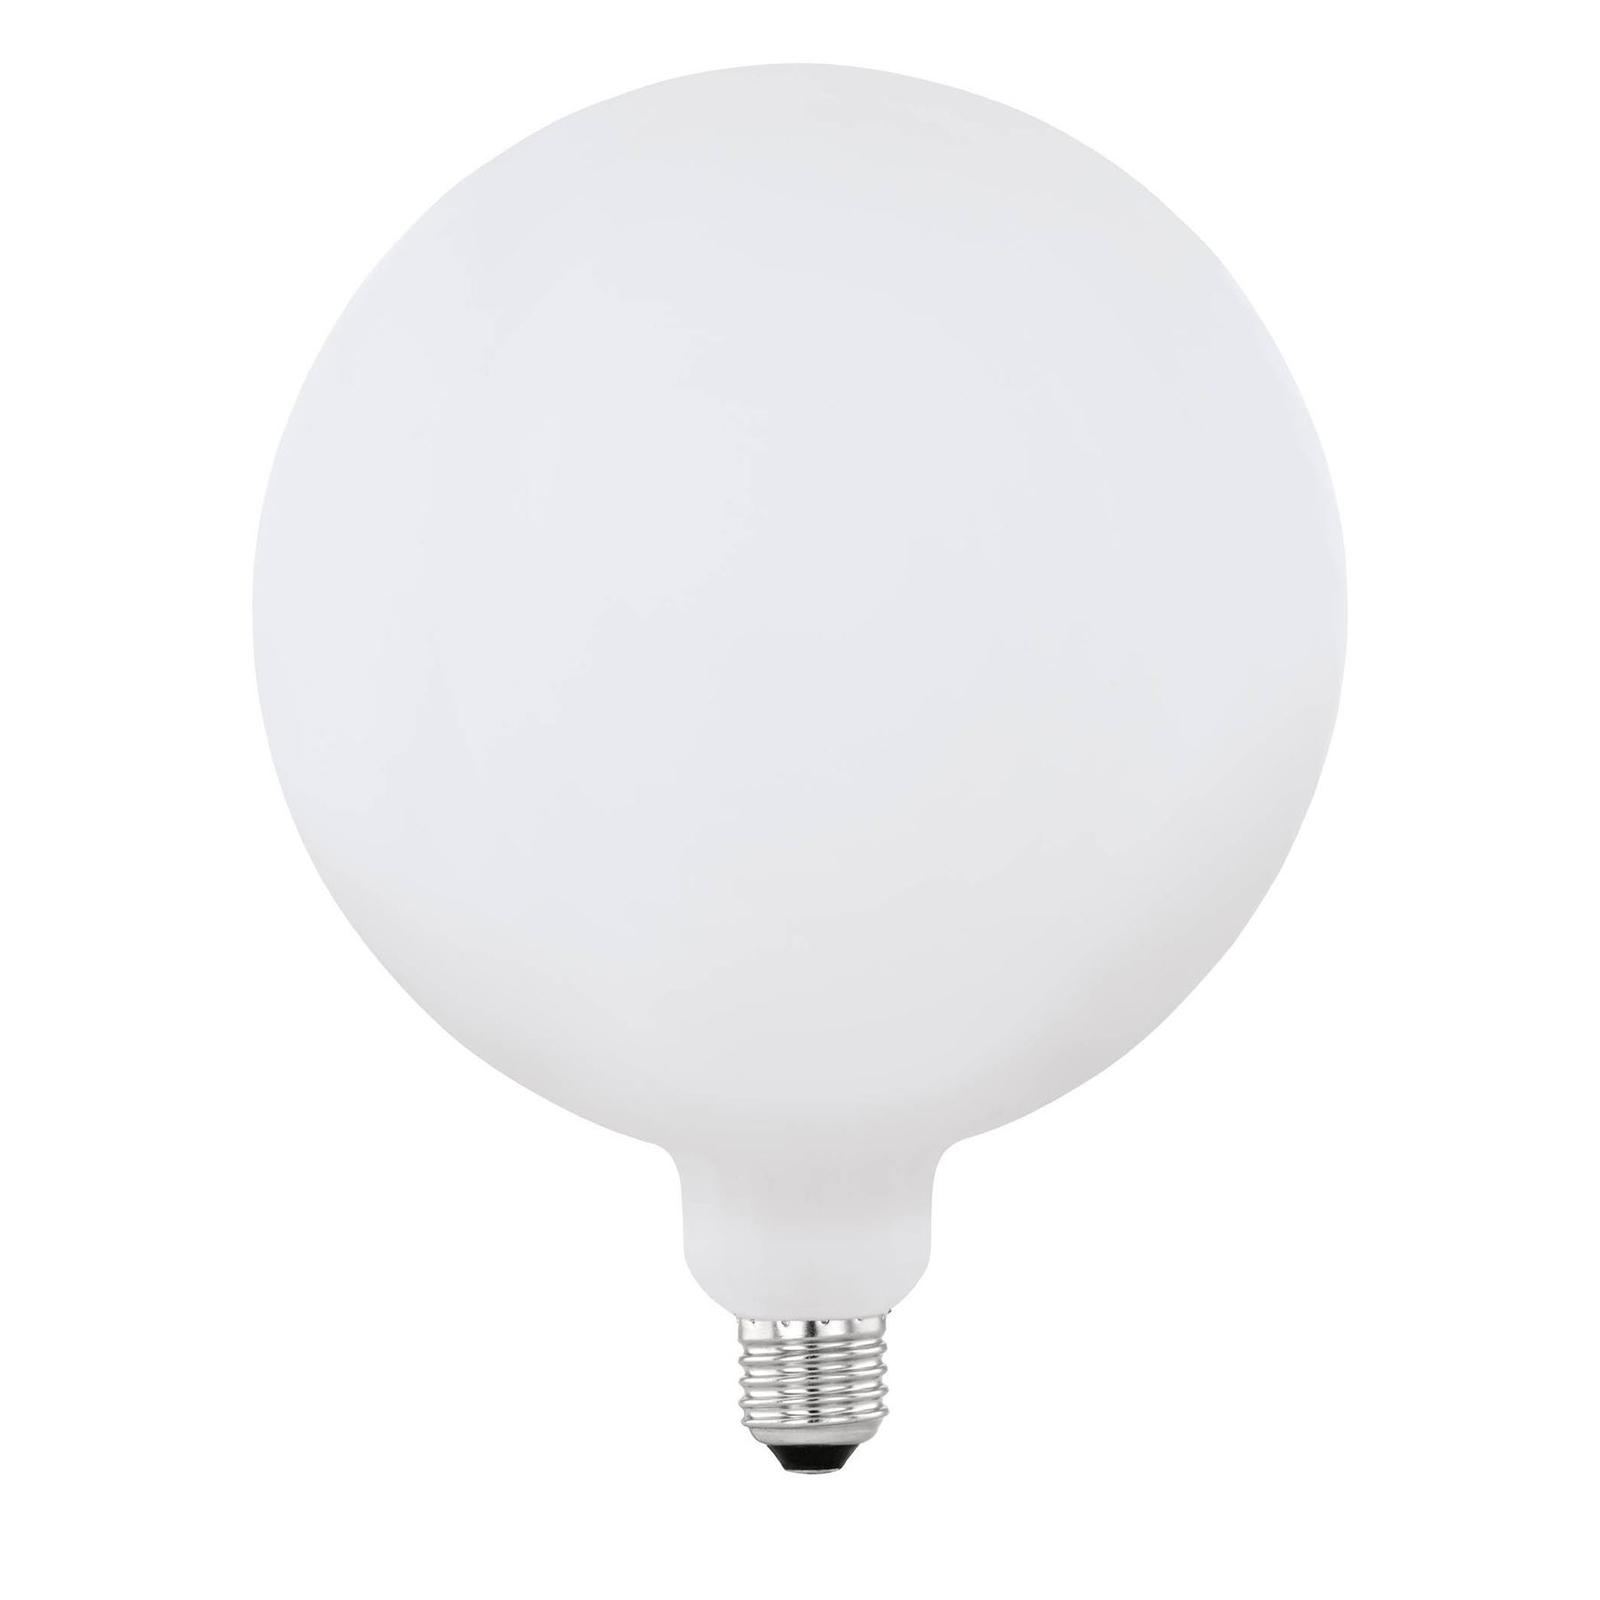 LED žárovka E27 4W Big Size opál, tvar Globe